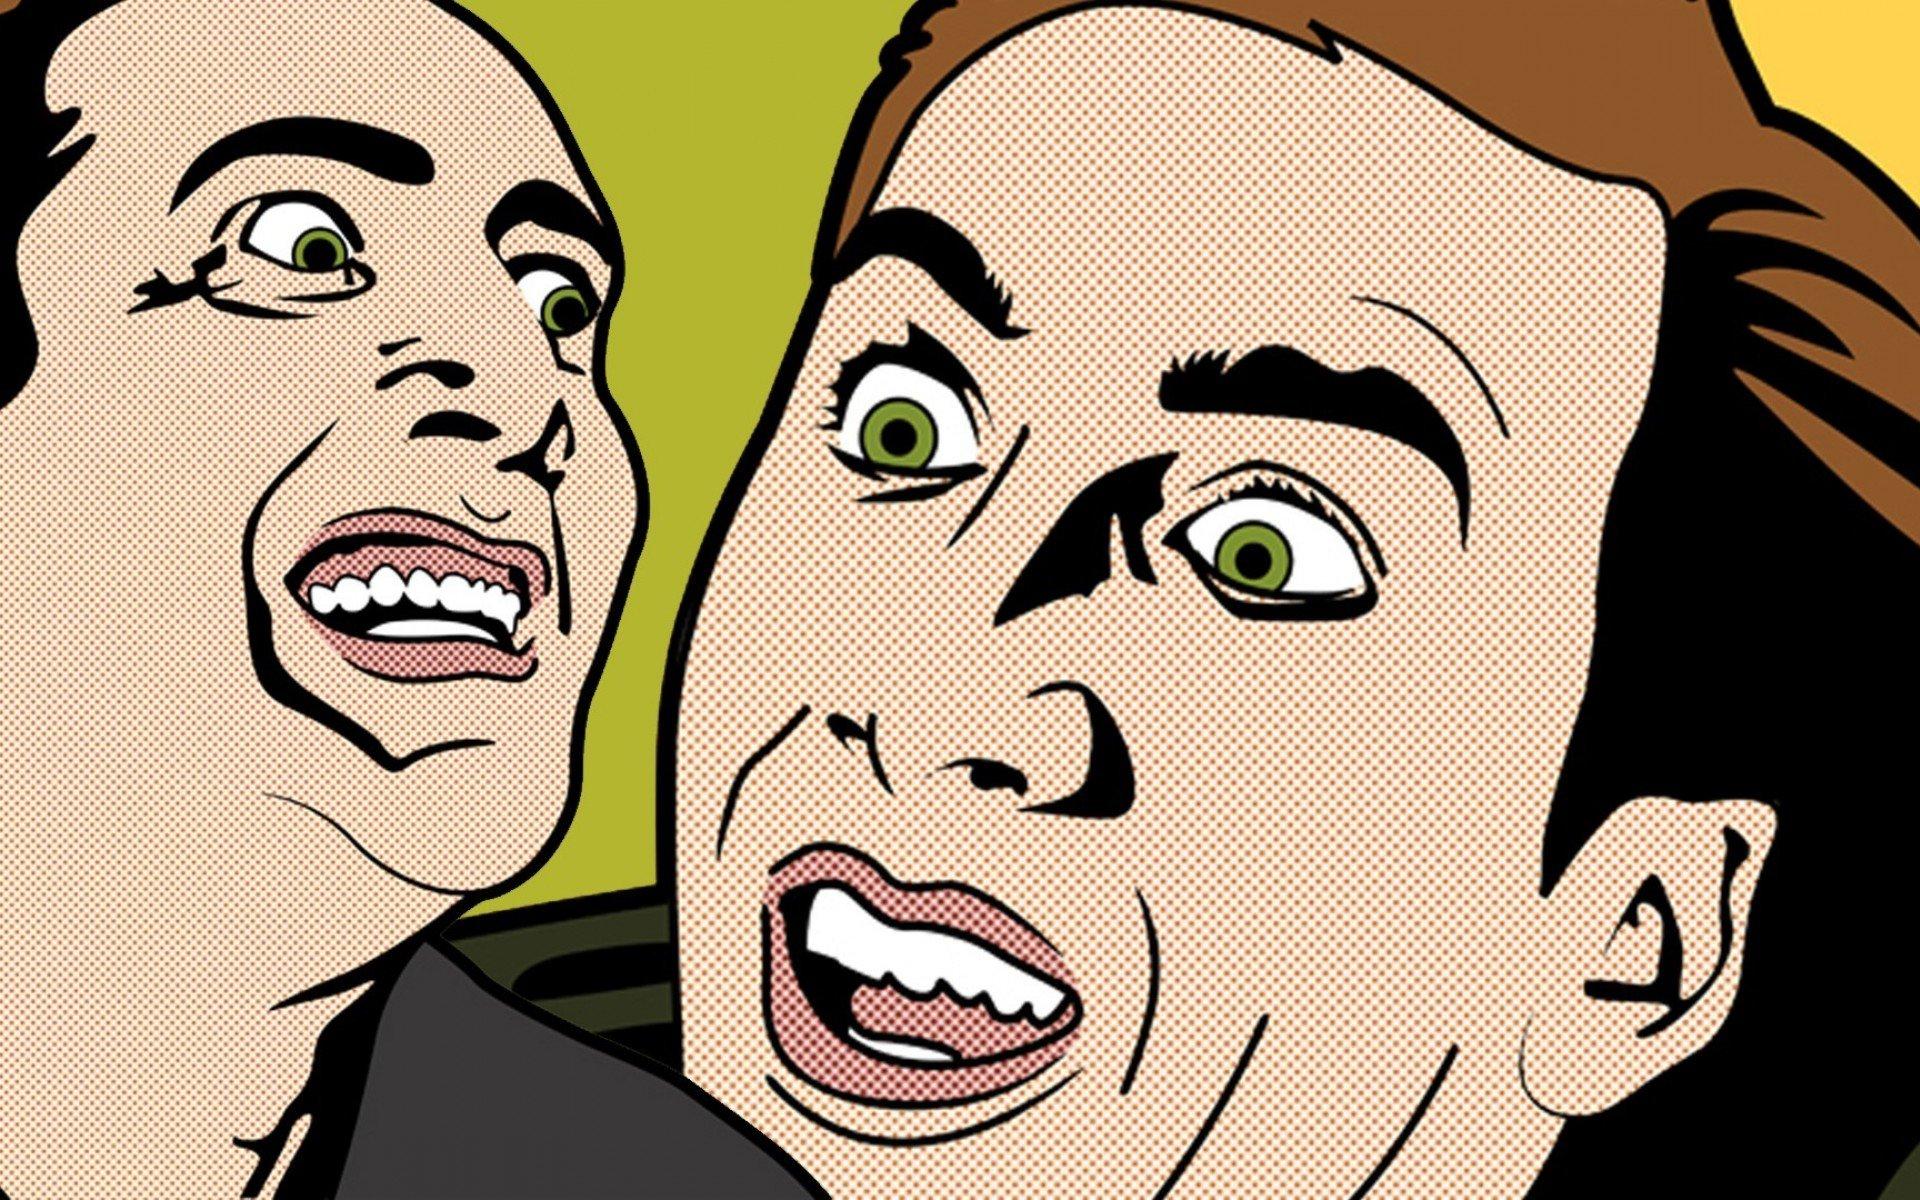 Nicolas Cage Pop Art Wallpaper